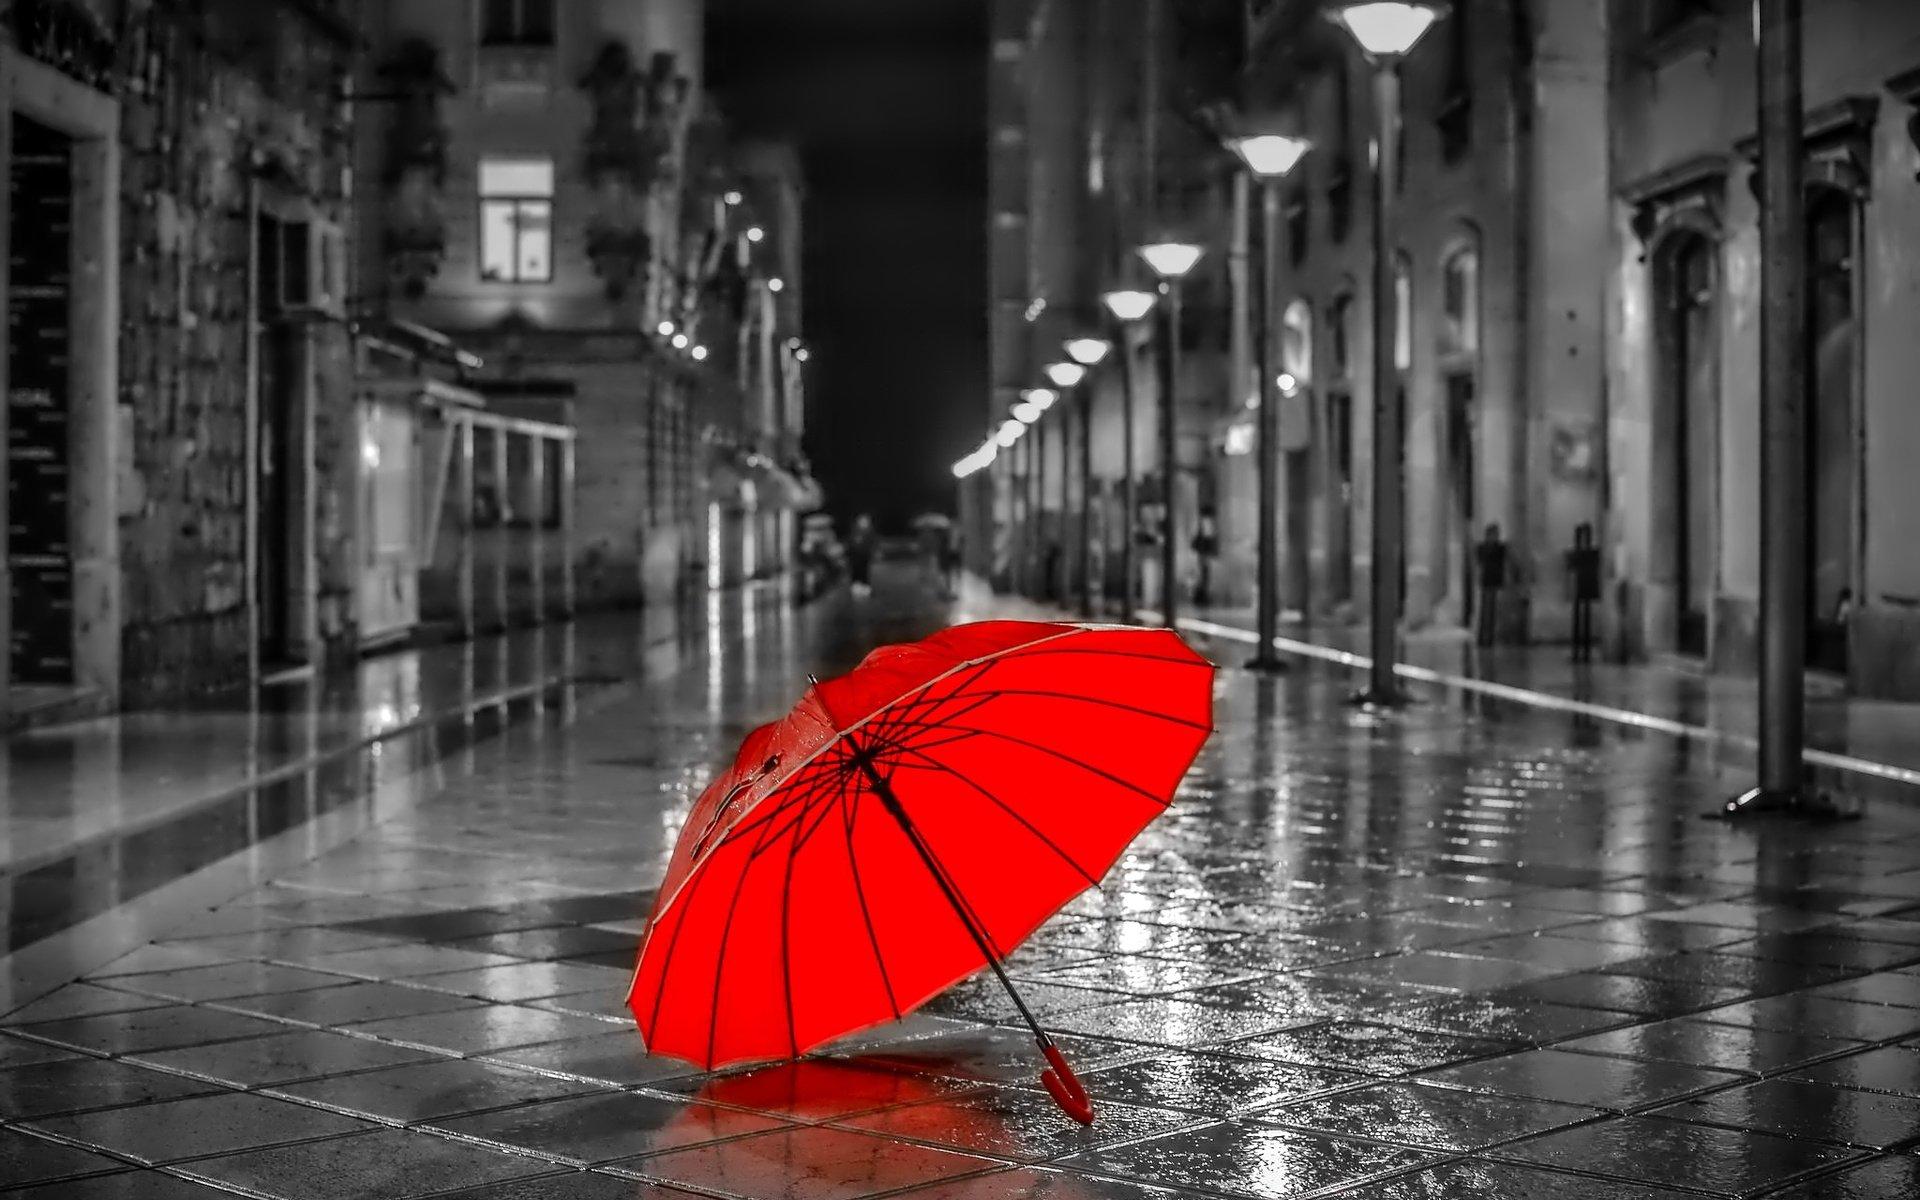 55 Umbrella HD Wallpapers